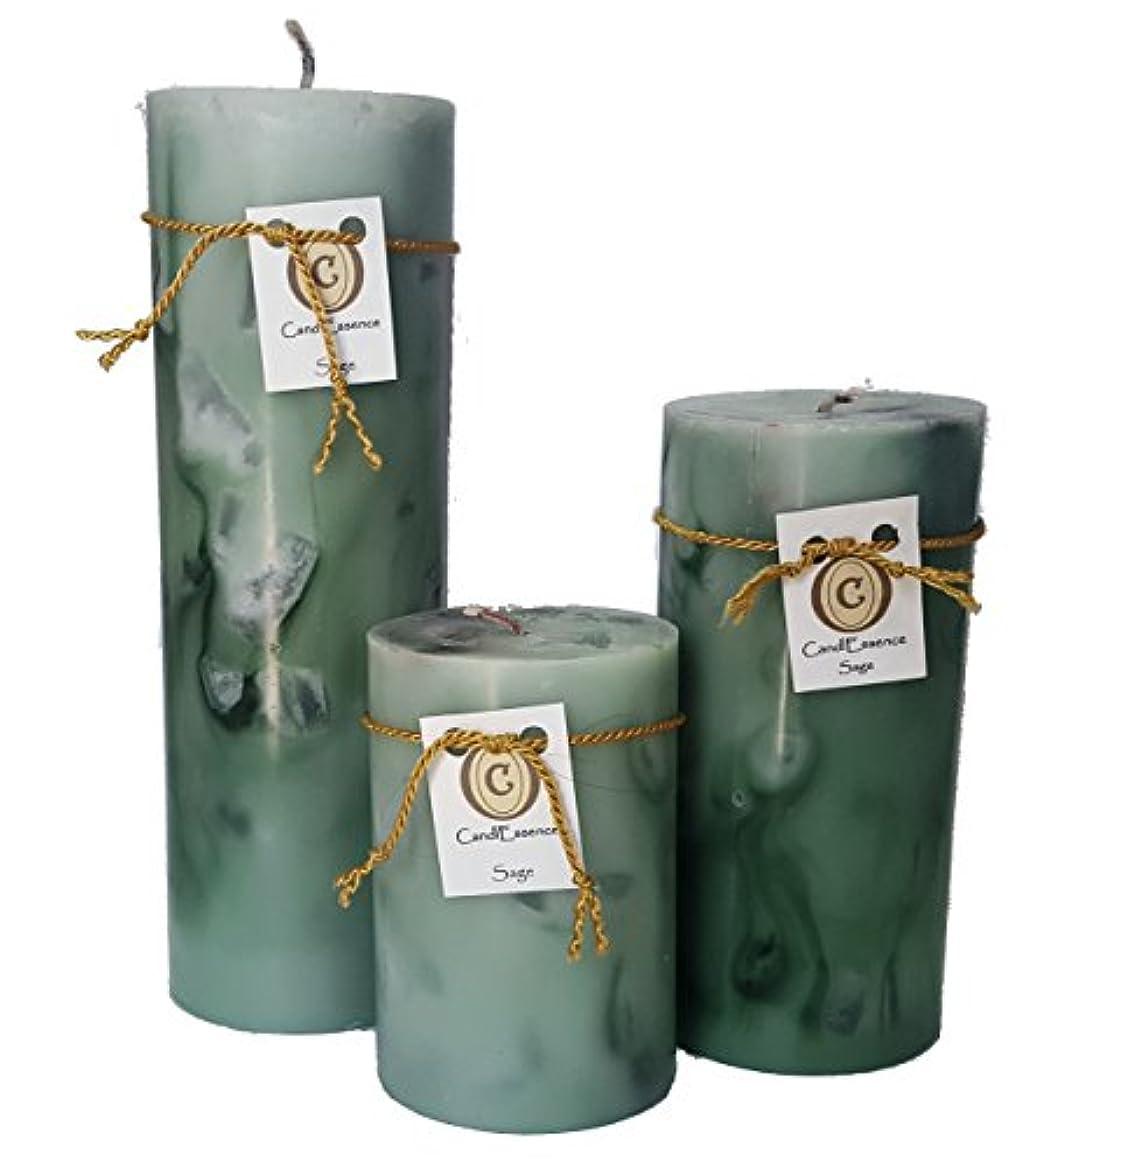 スピーカー衣服モンゴメリーハンドメイドScented Candle – Long Burningピラー – セージ香り Set of 3 グリーン SAGE